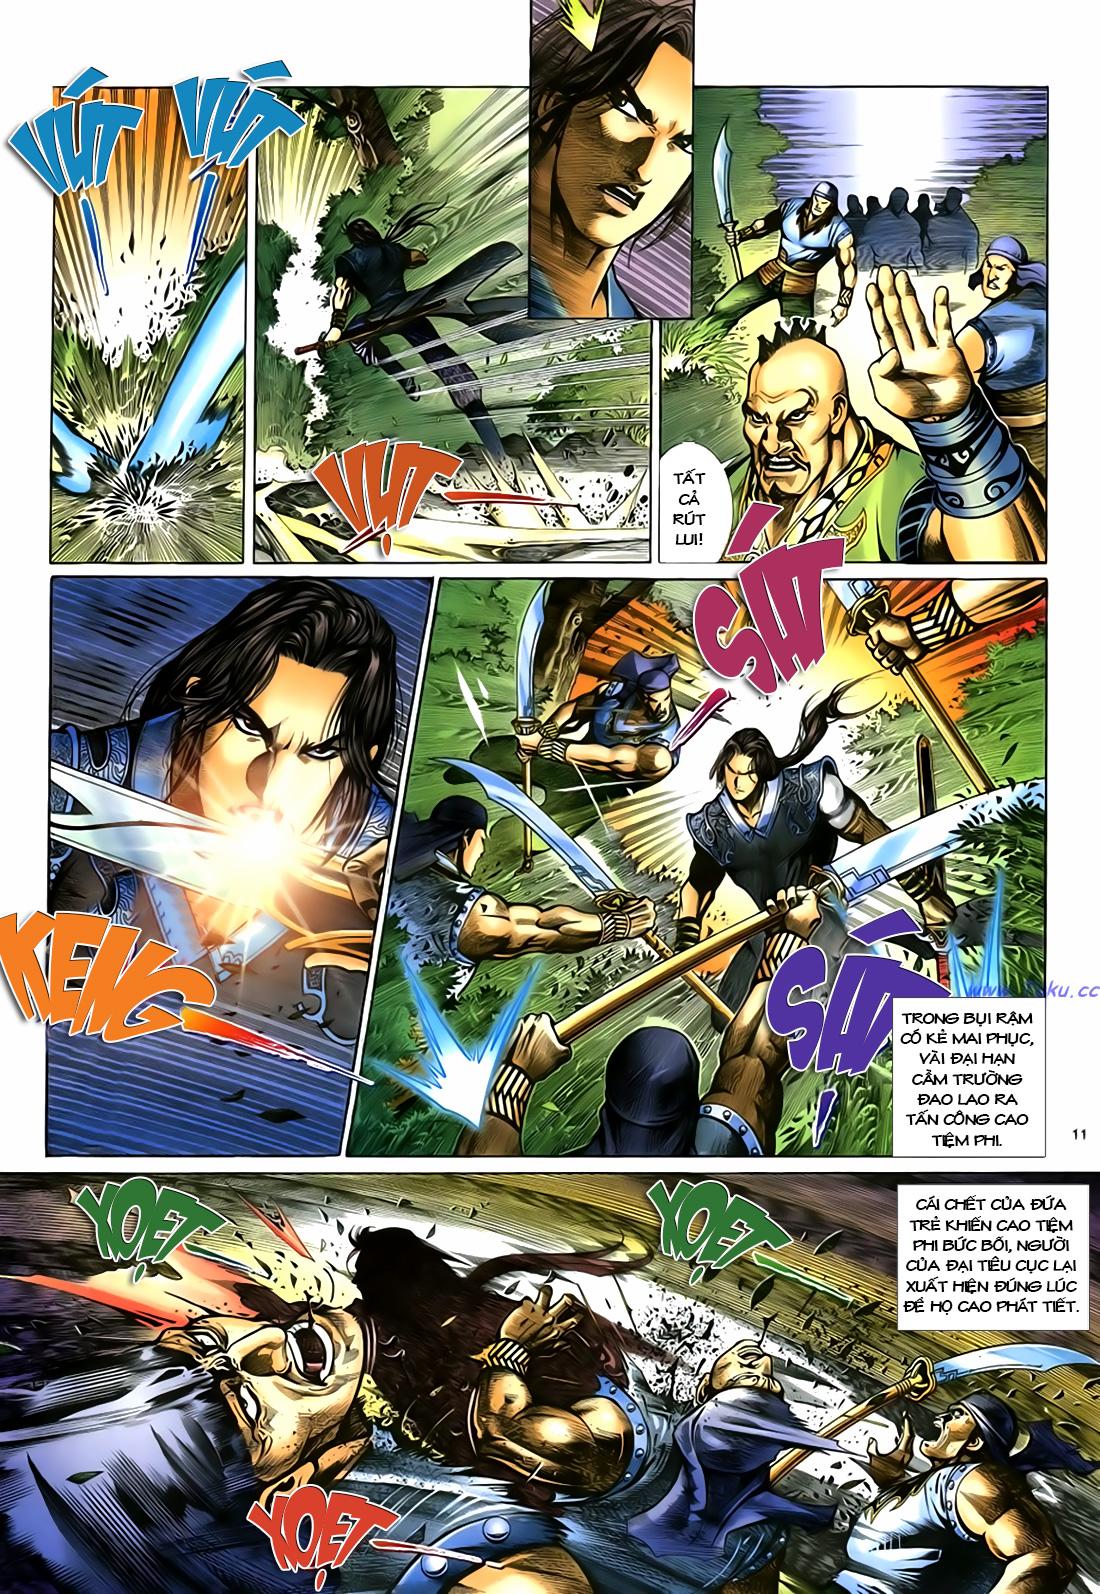 Anh hùng vô lệ Chap 18 trang 12